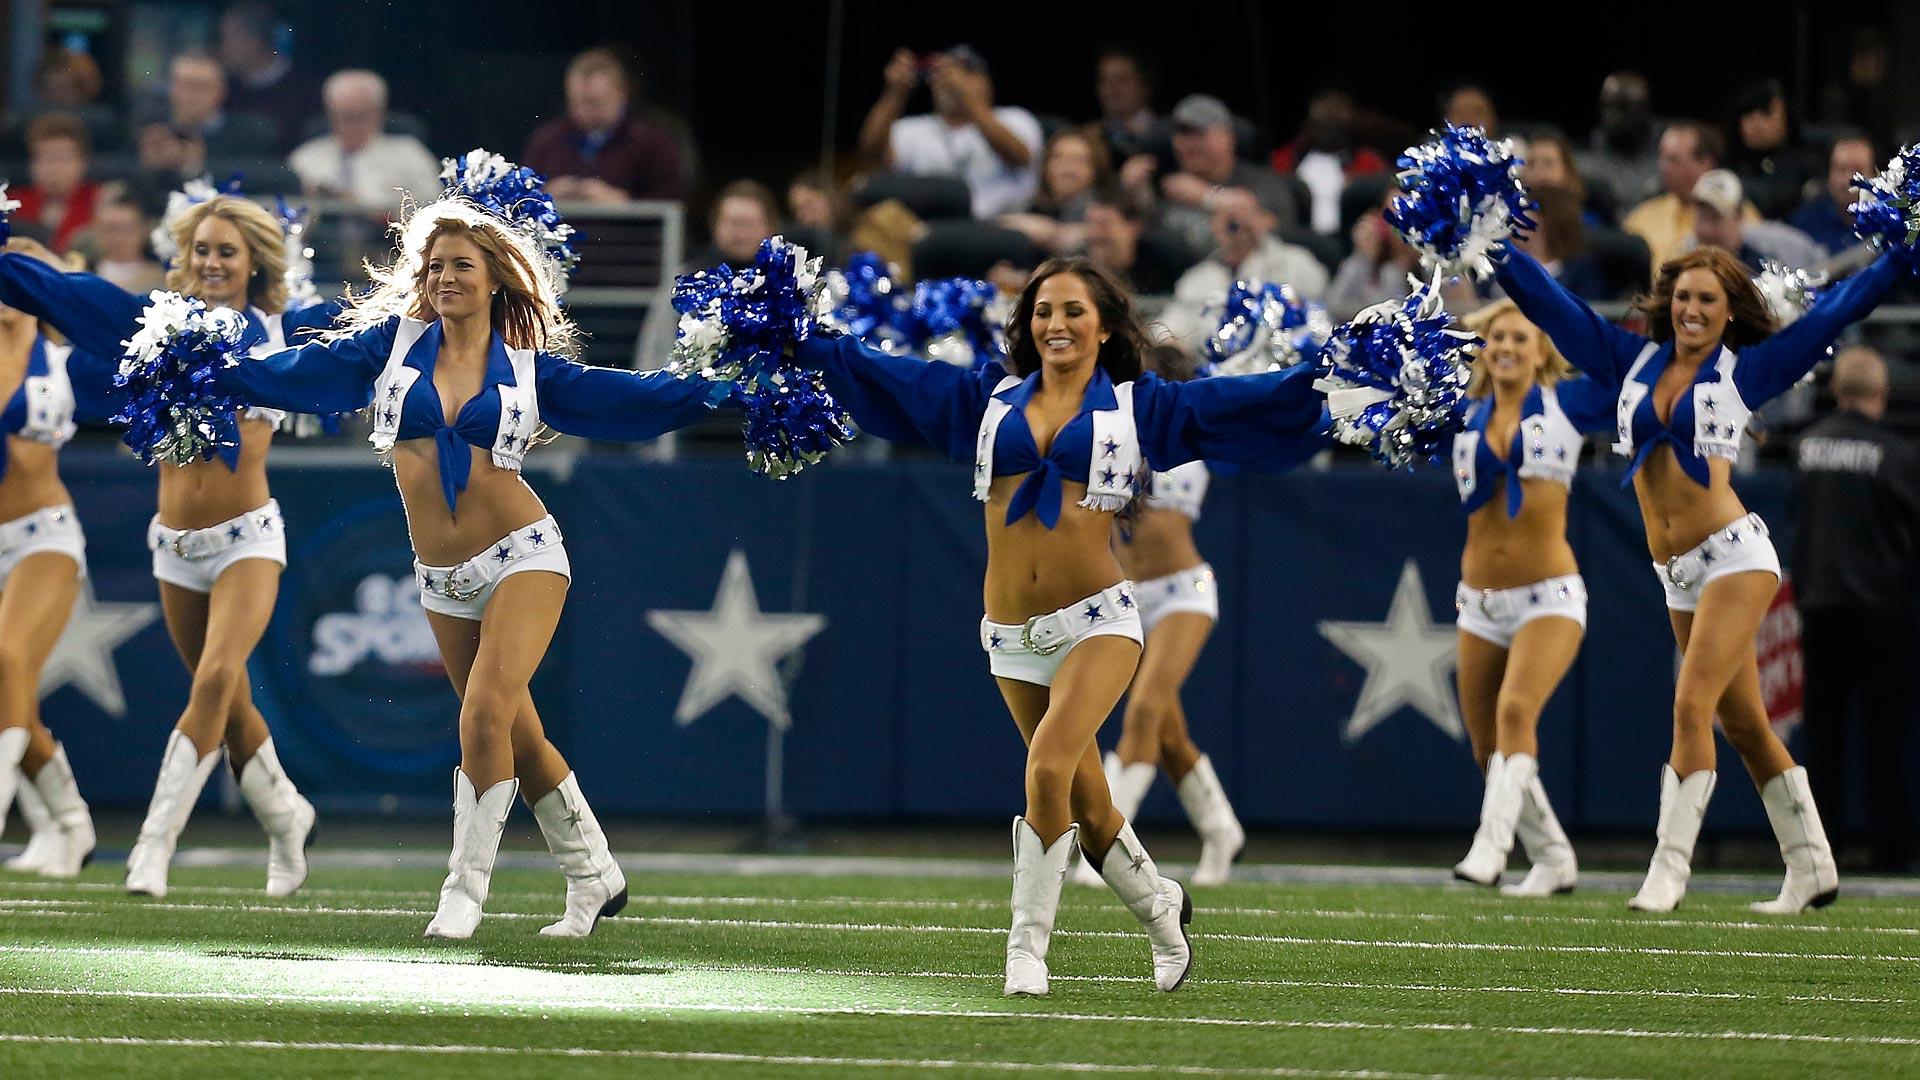 Dallas Cowboys cheerleaders-012714-AP-FTR.jpg